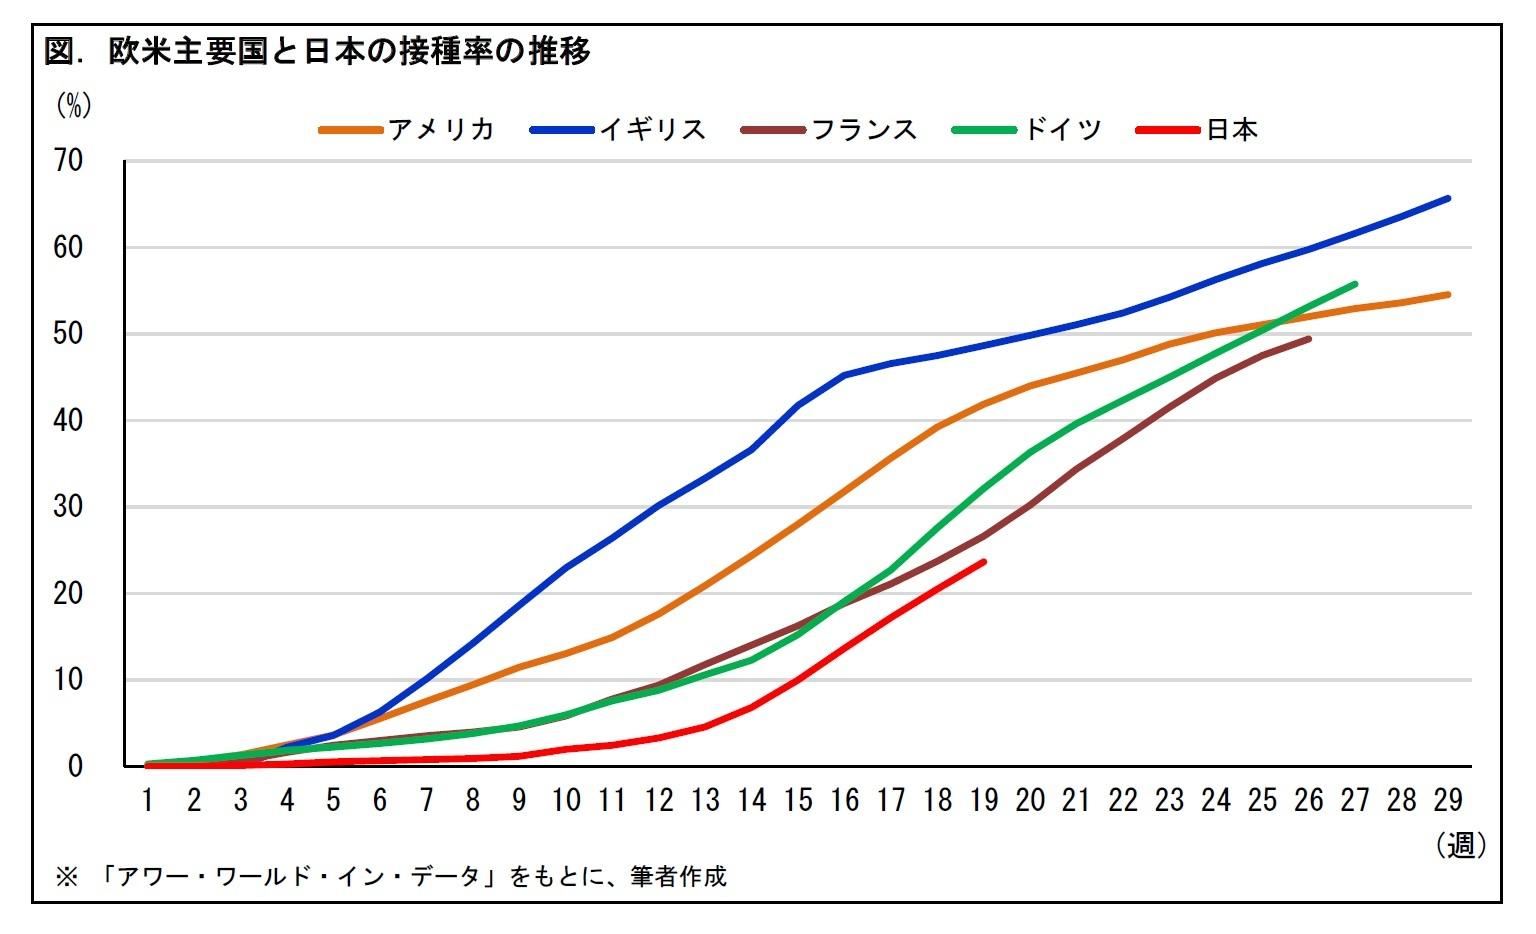 図. 欧米主要国と日本の接種率の推移